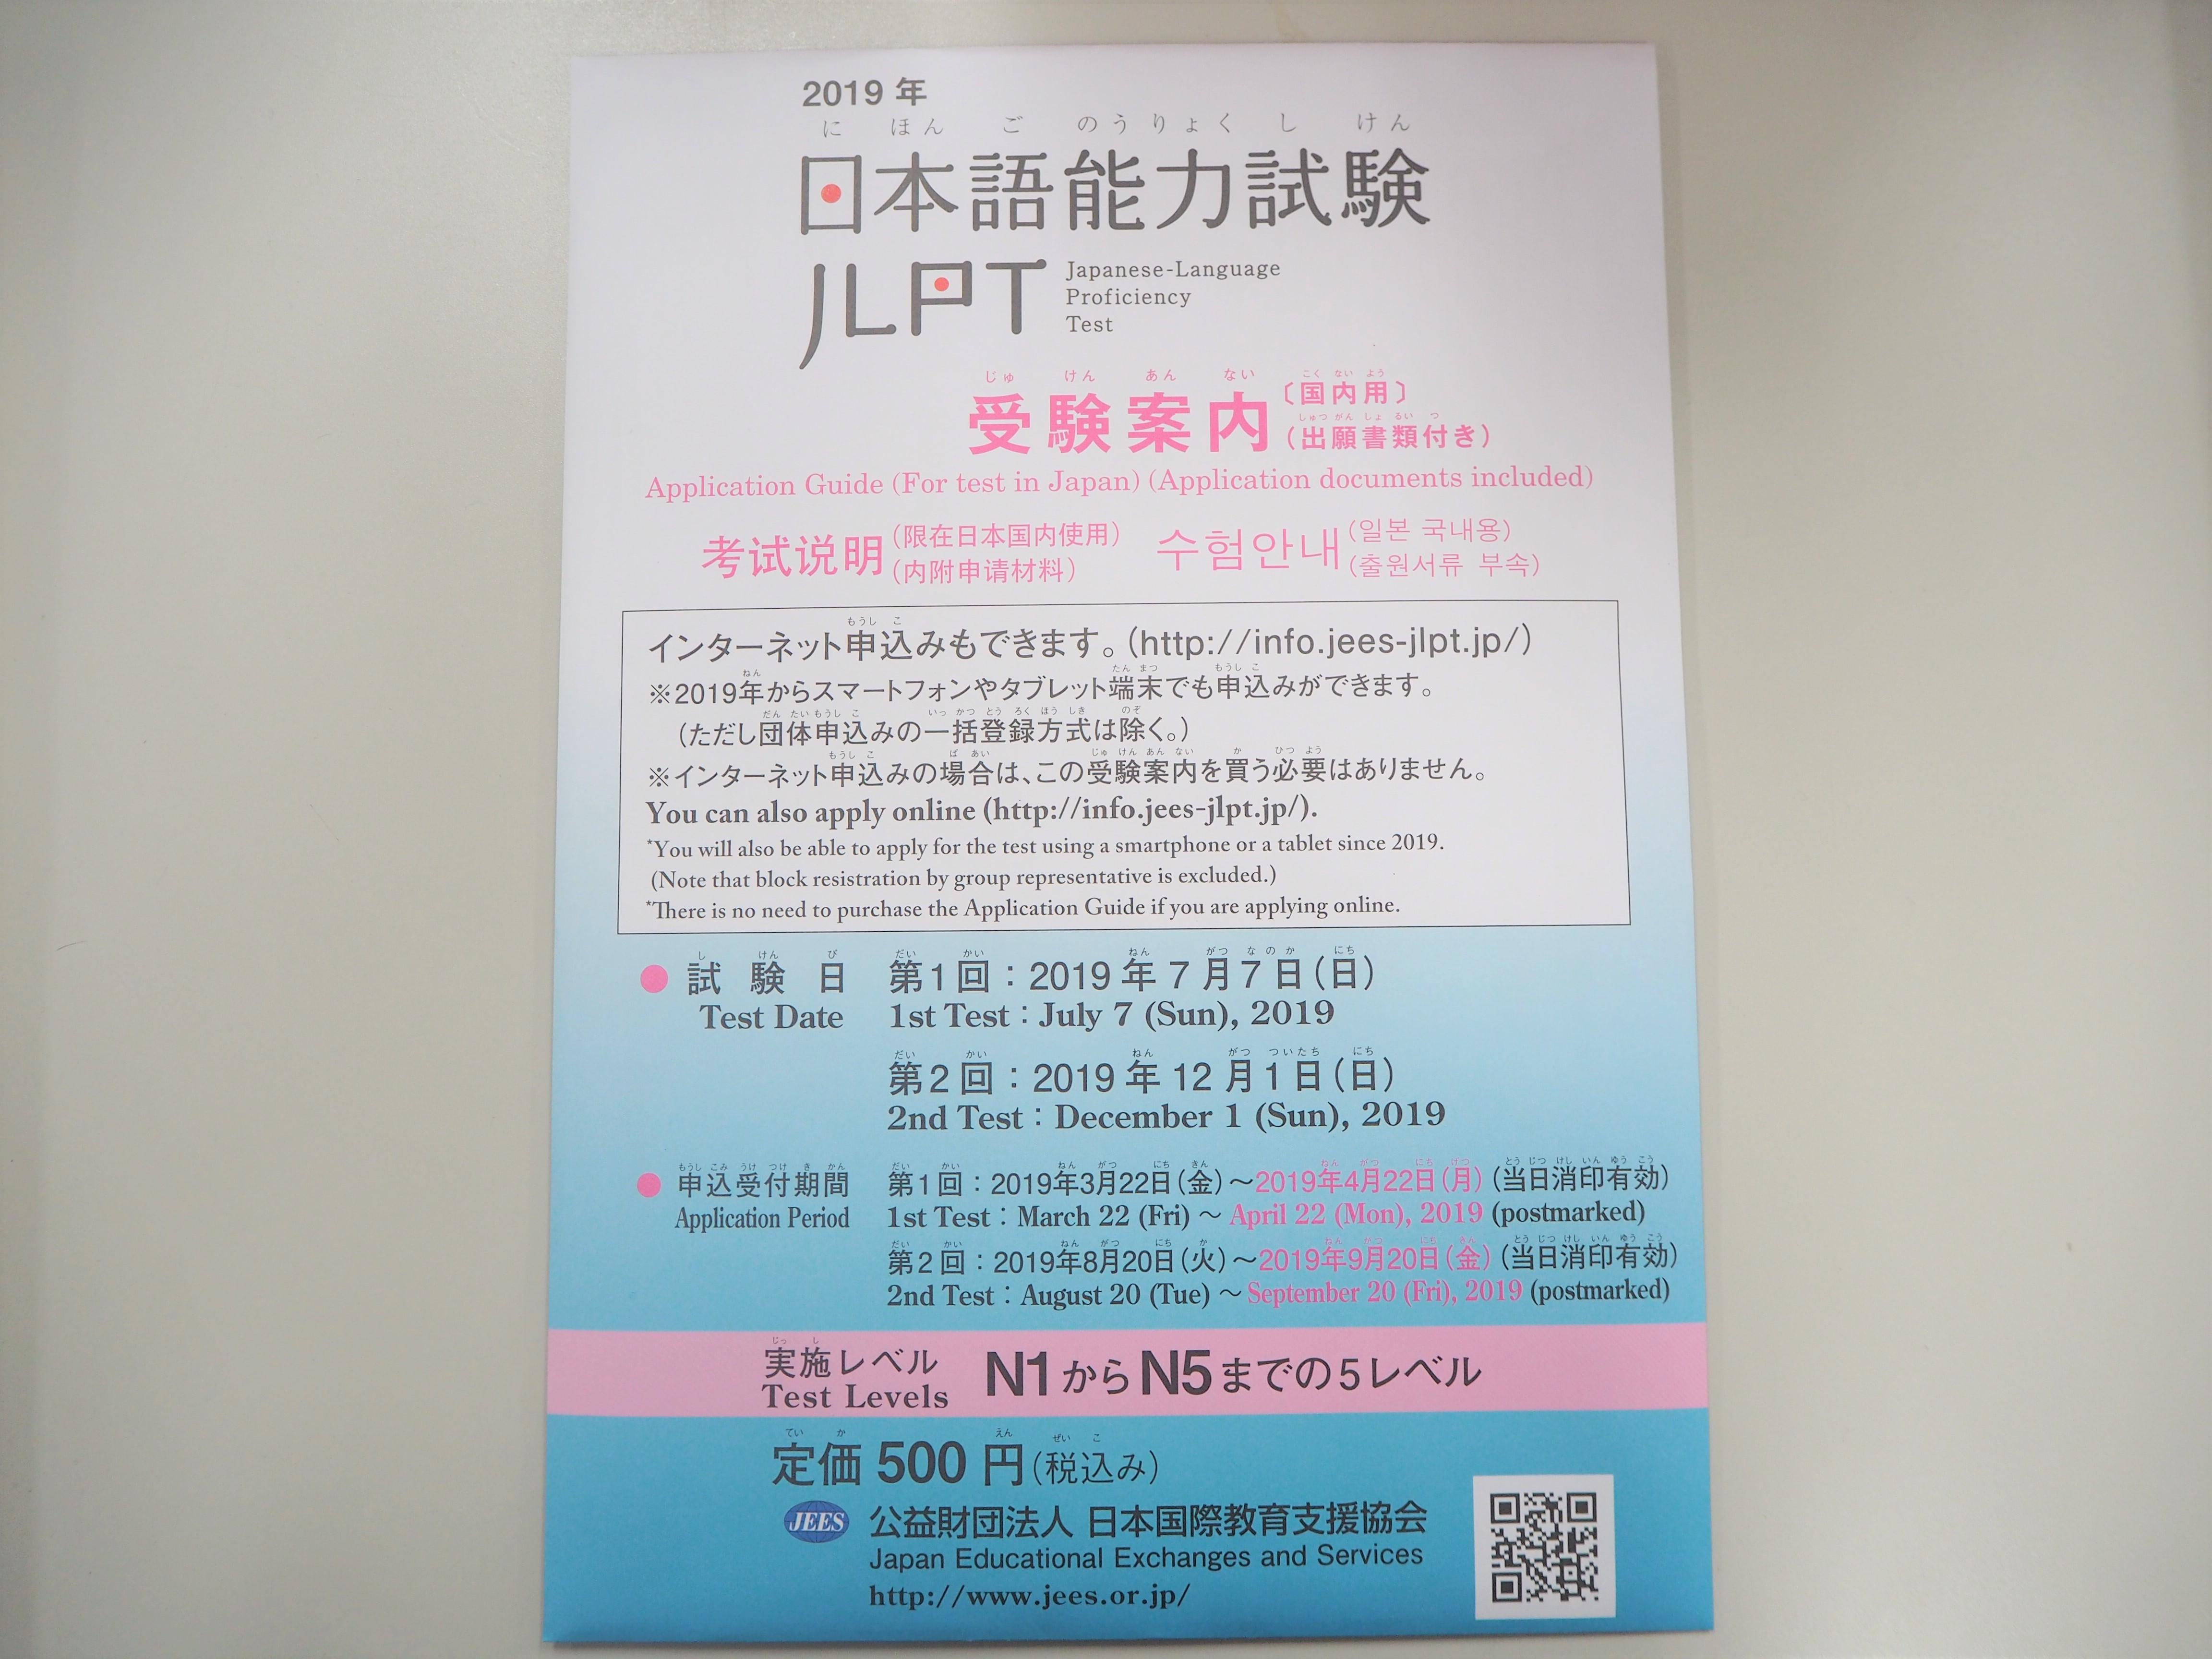 2019年第一回JLPT(日本語能力測驗)